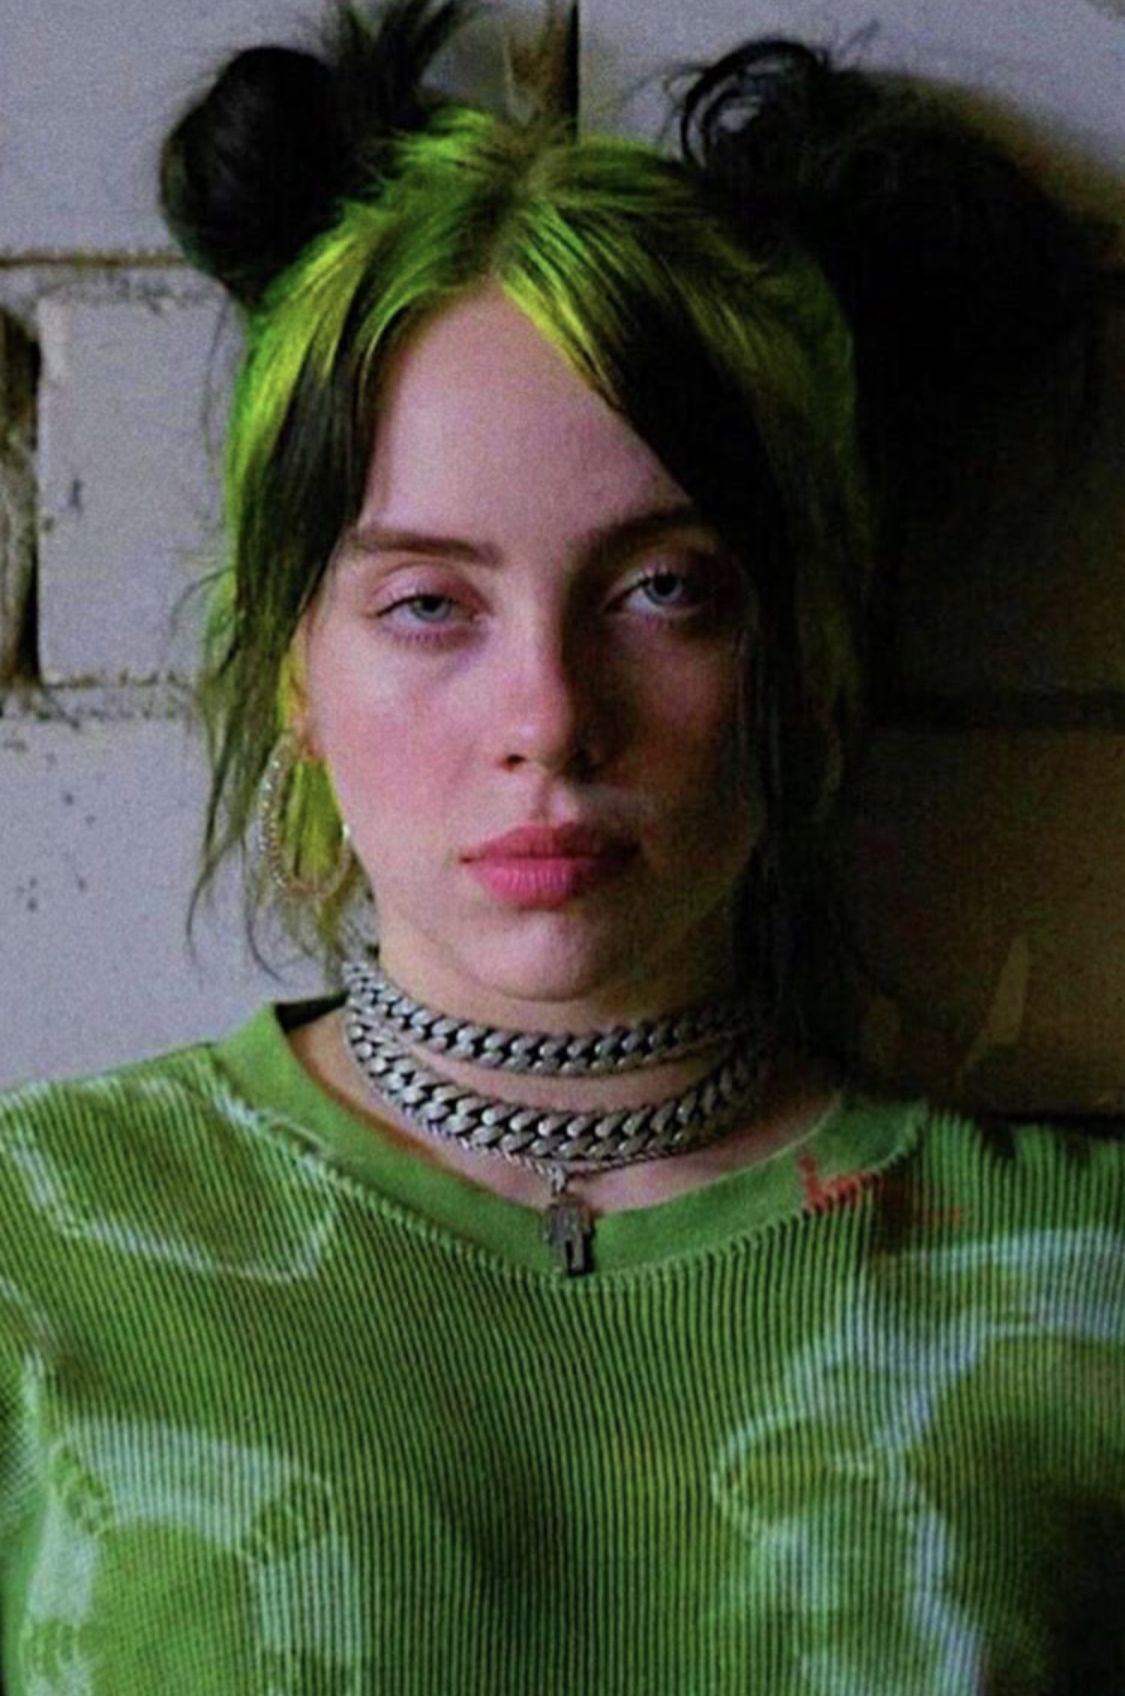 𝔟𝔢 𝔠𝔞𝔯𝔢𝔣𝔲𝔩 in 2020 Billie eilish, Billie, Green hair